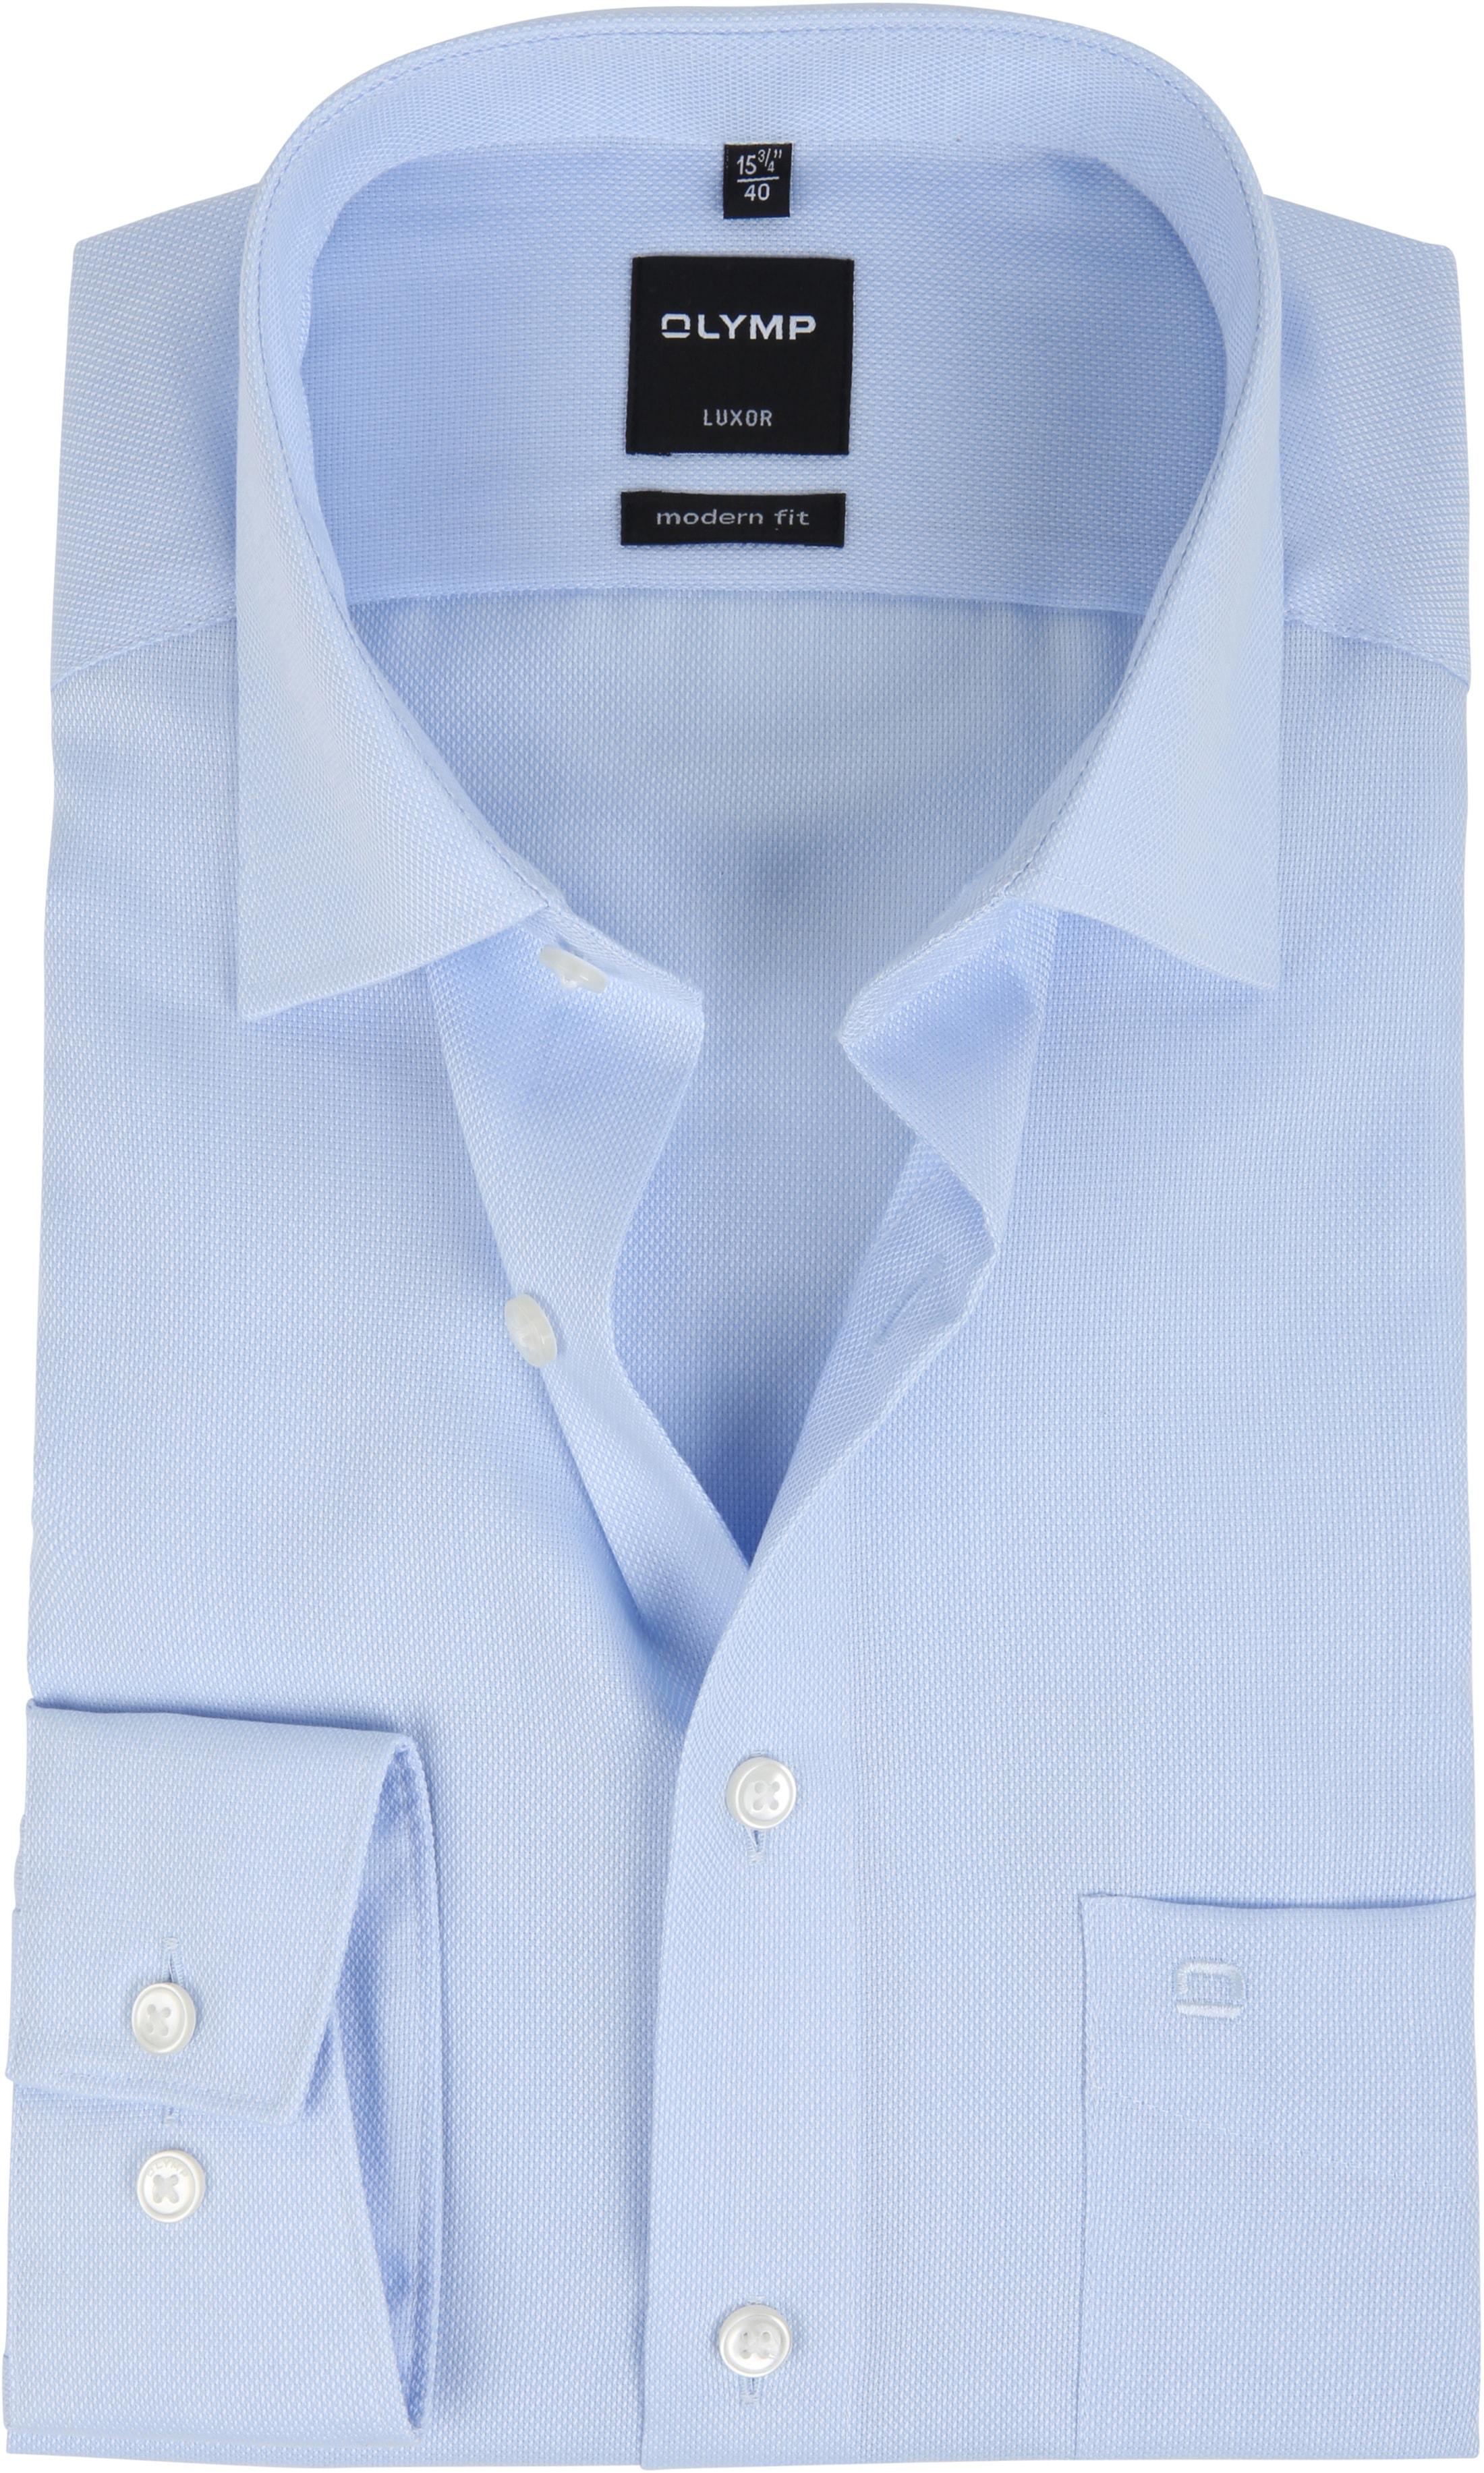 Olymp Luxor Shirt Blue Derby foto 0